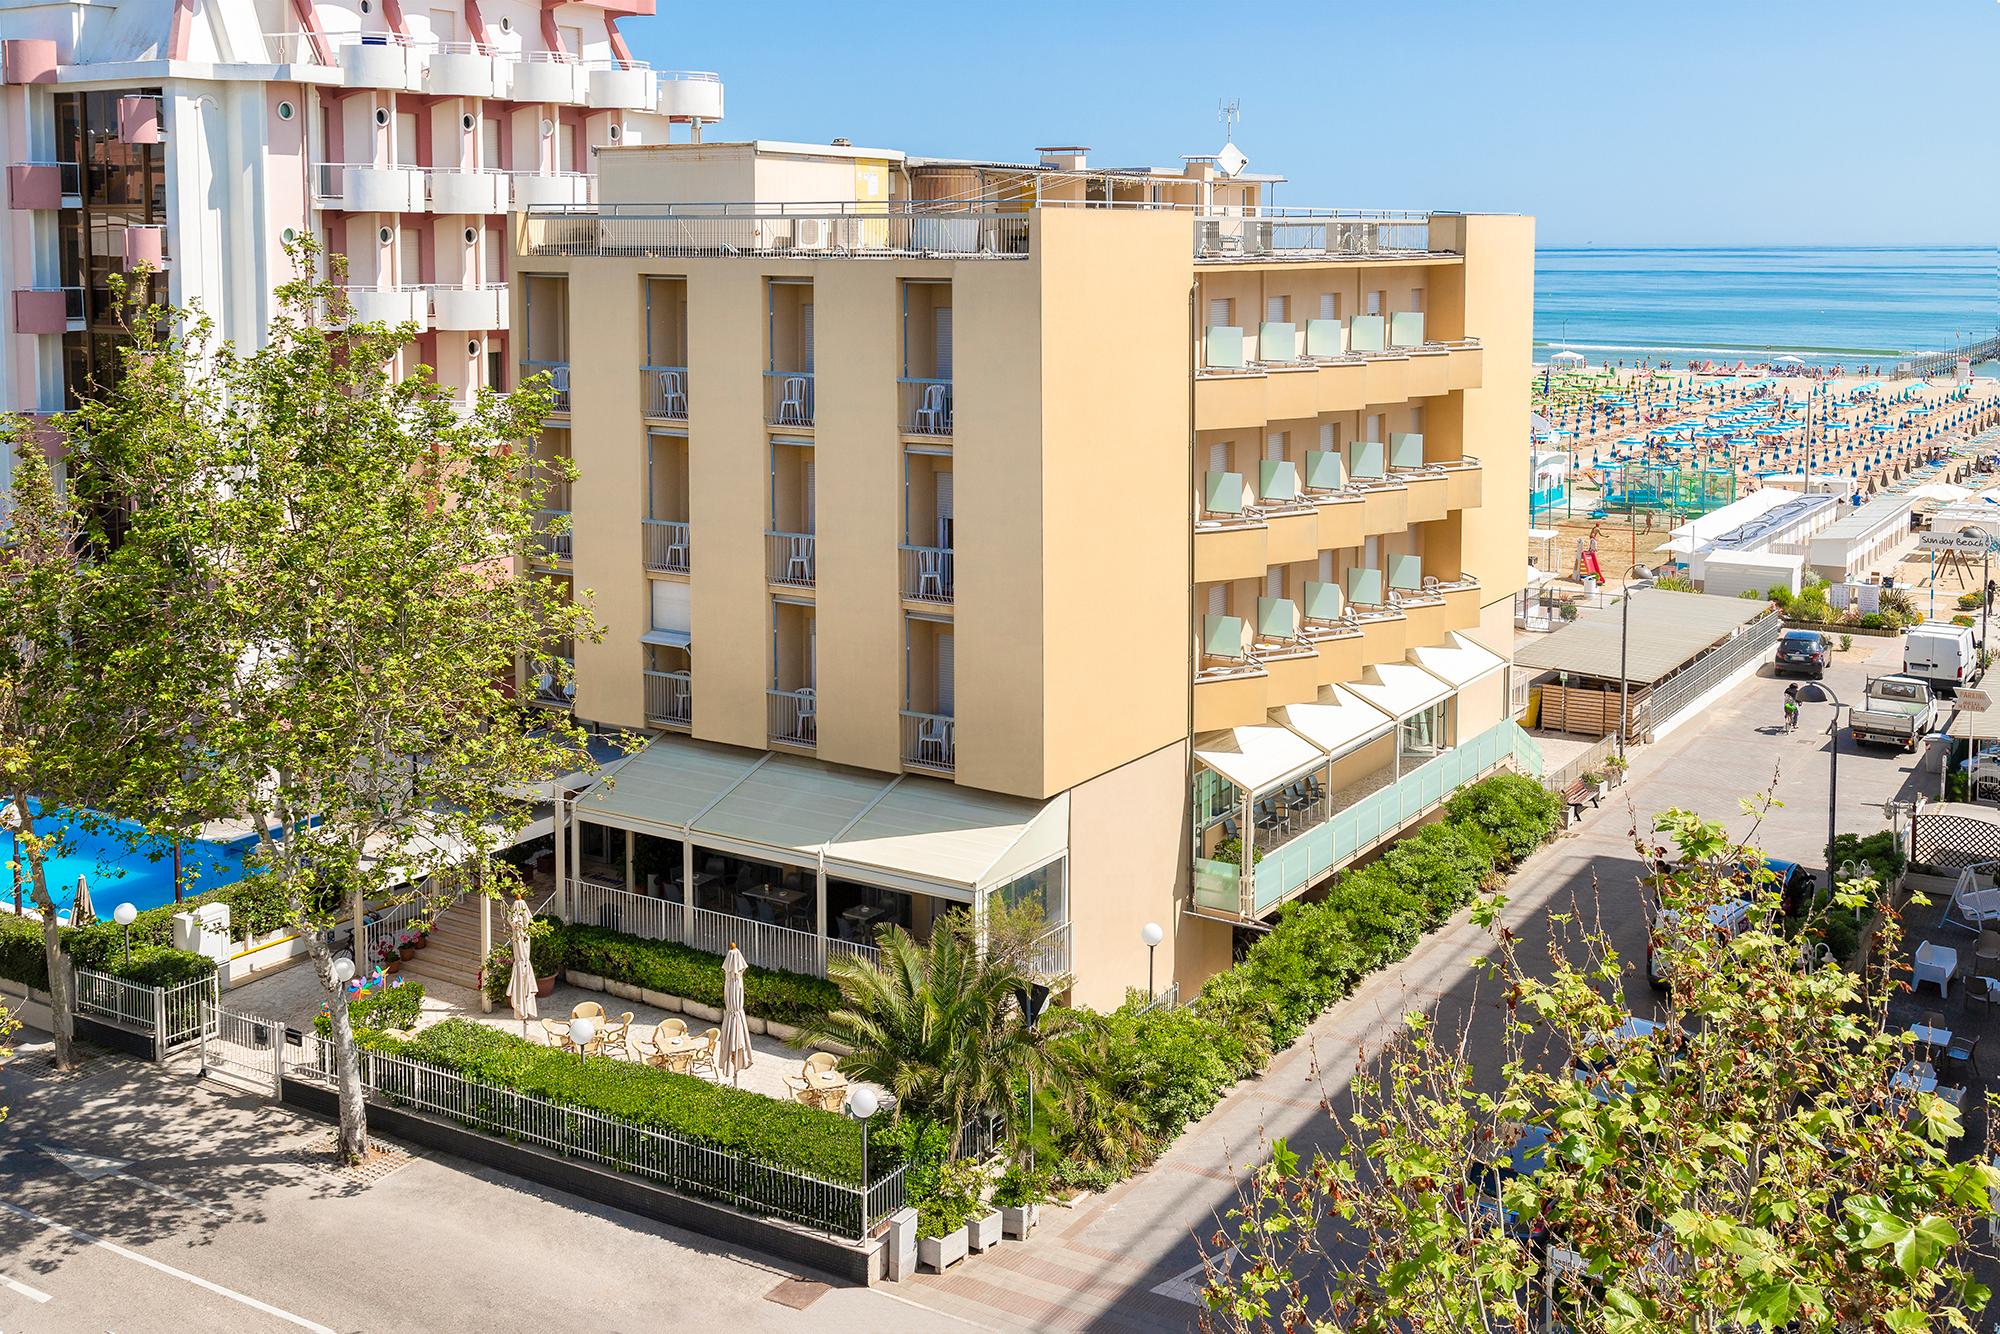 Hotel Haway Rimini